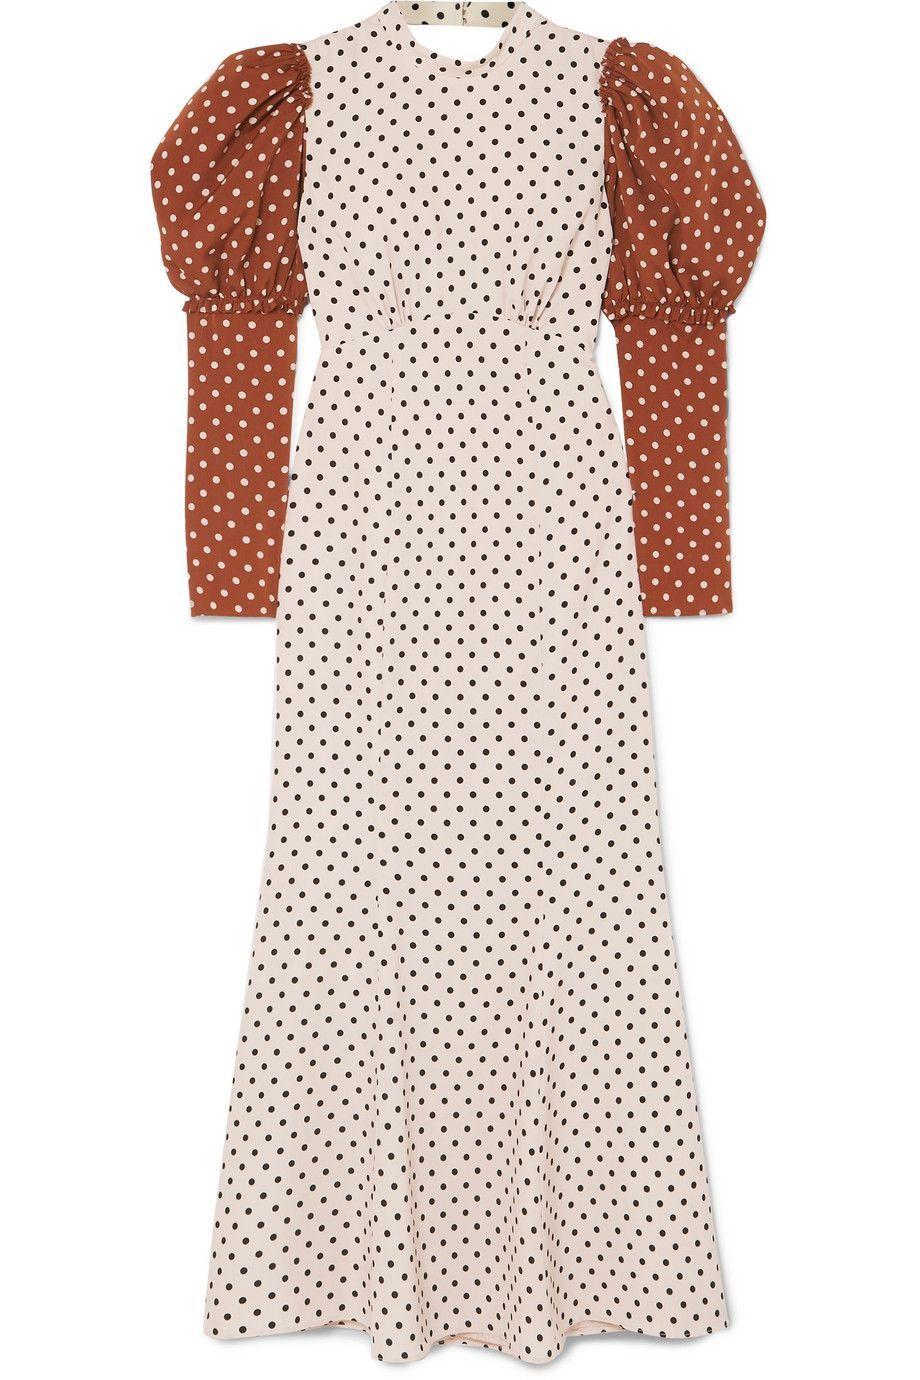 #PopbelaOOTD: Tampil Vintage dengan Polka-dot